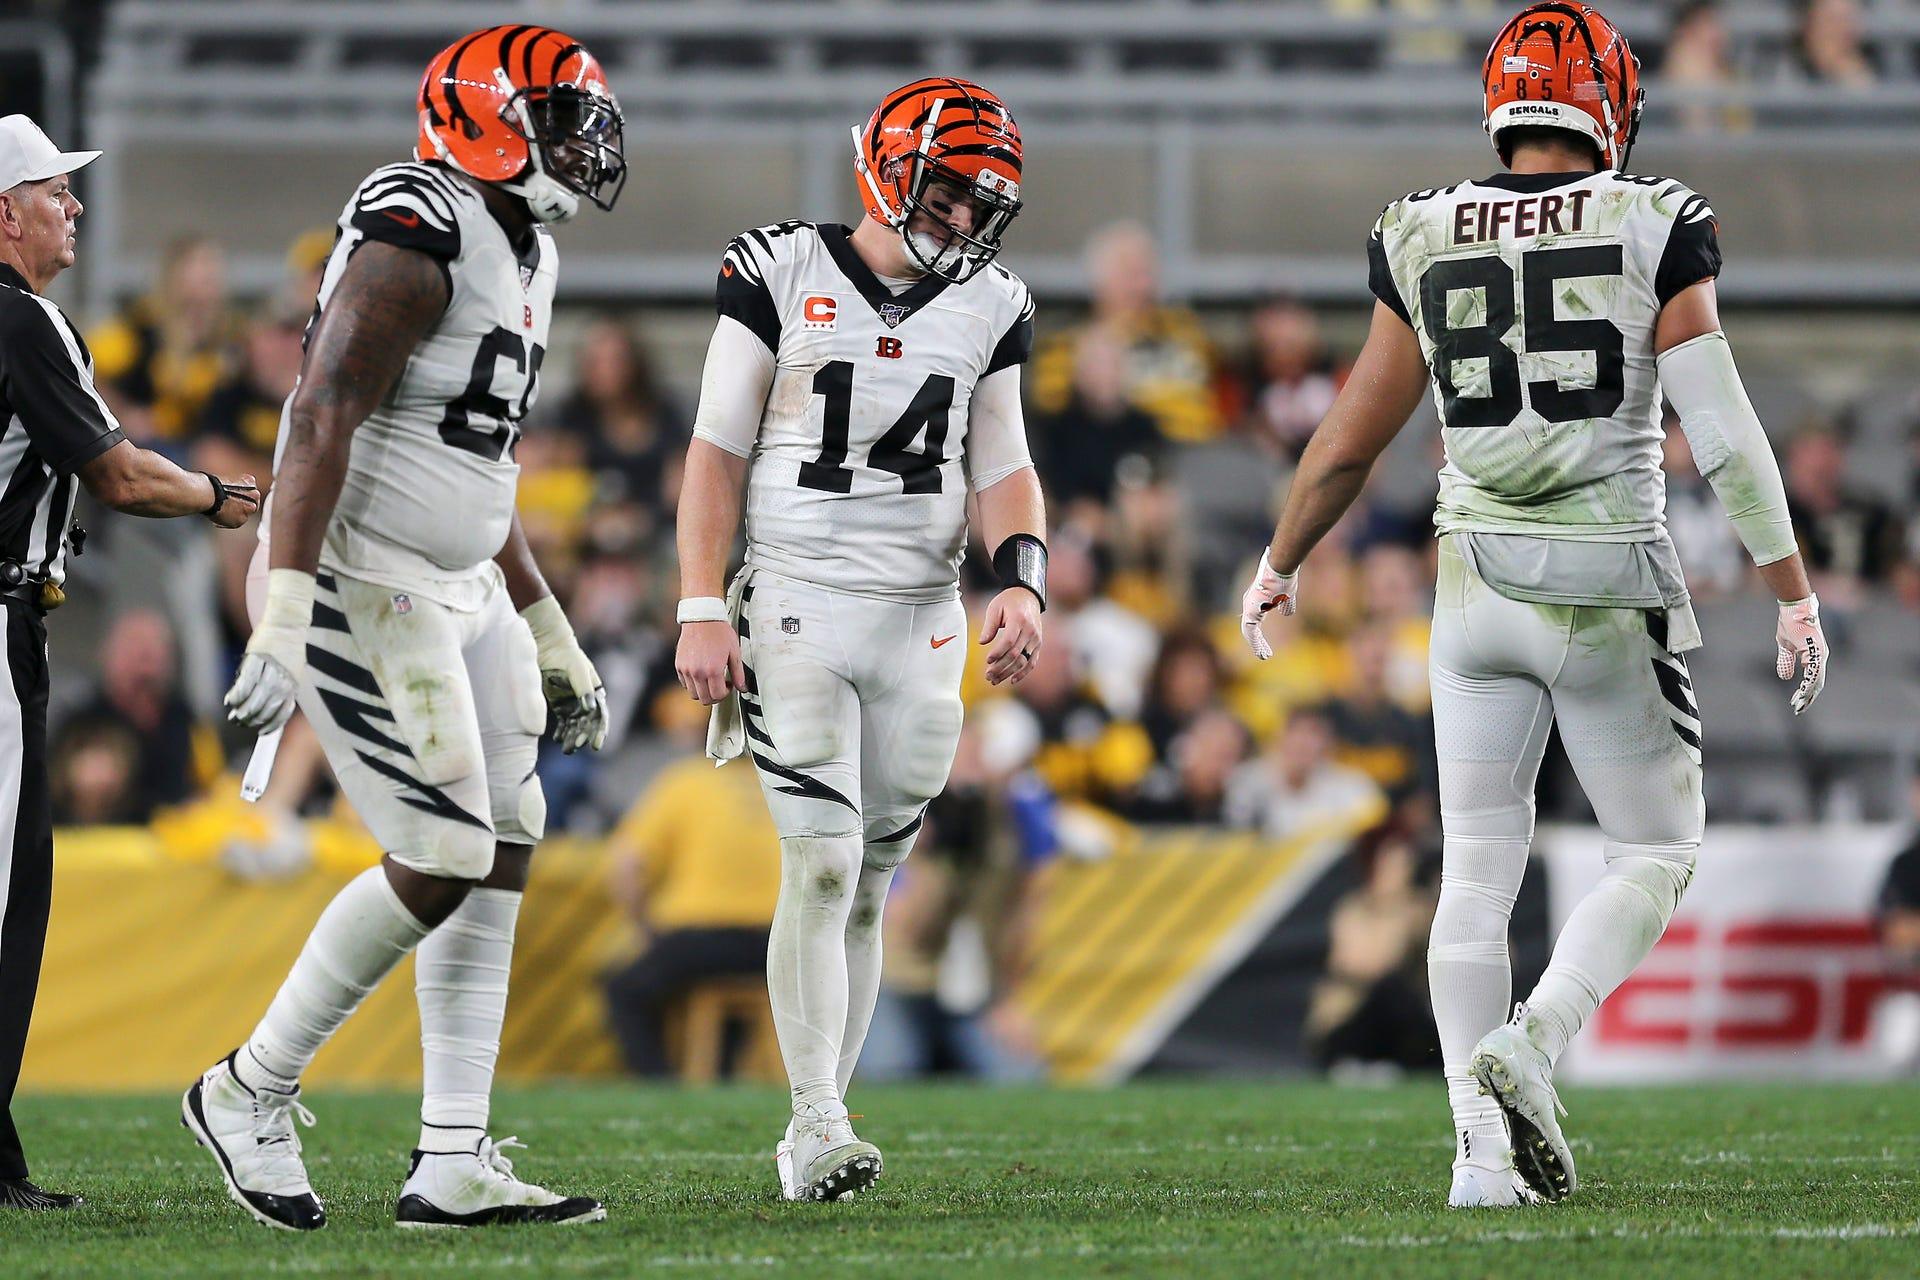 Nfl Week 4 Photos Cincinnati Bengals Vs Pittsburgh Steelers